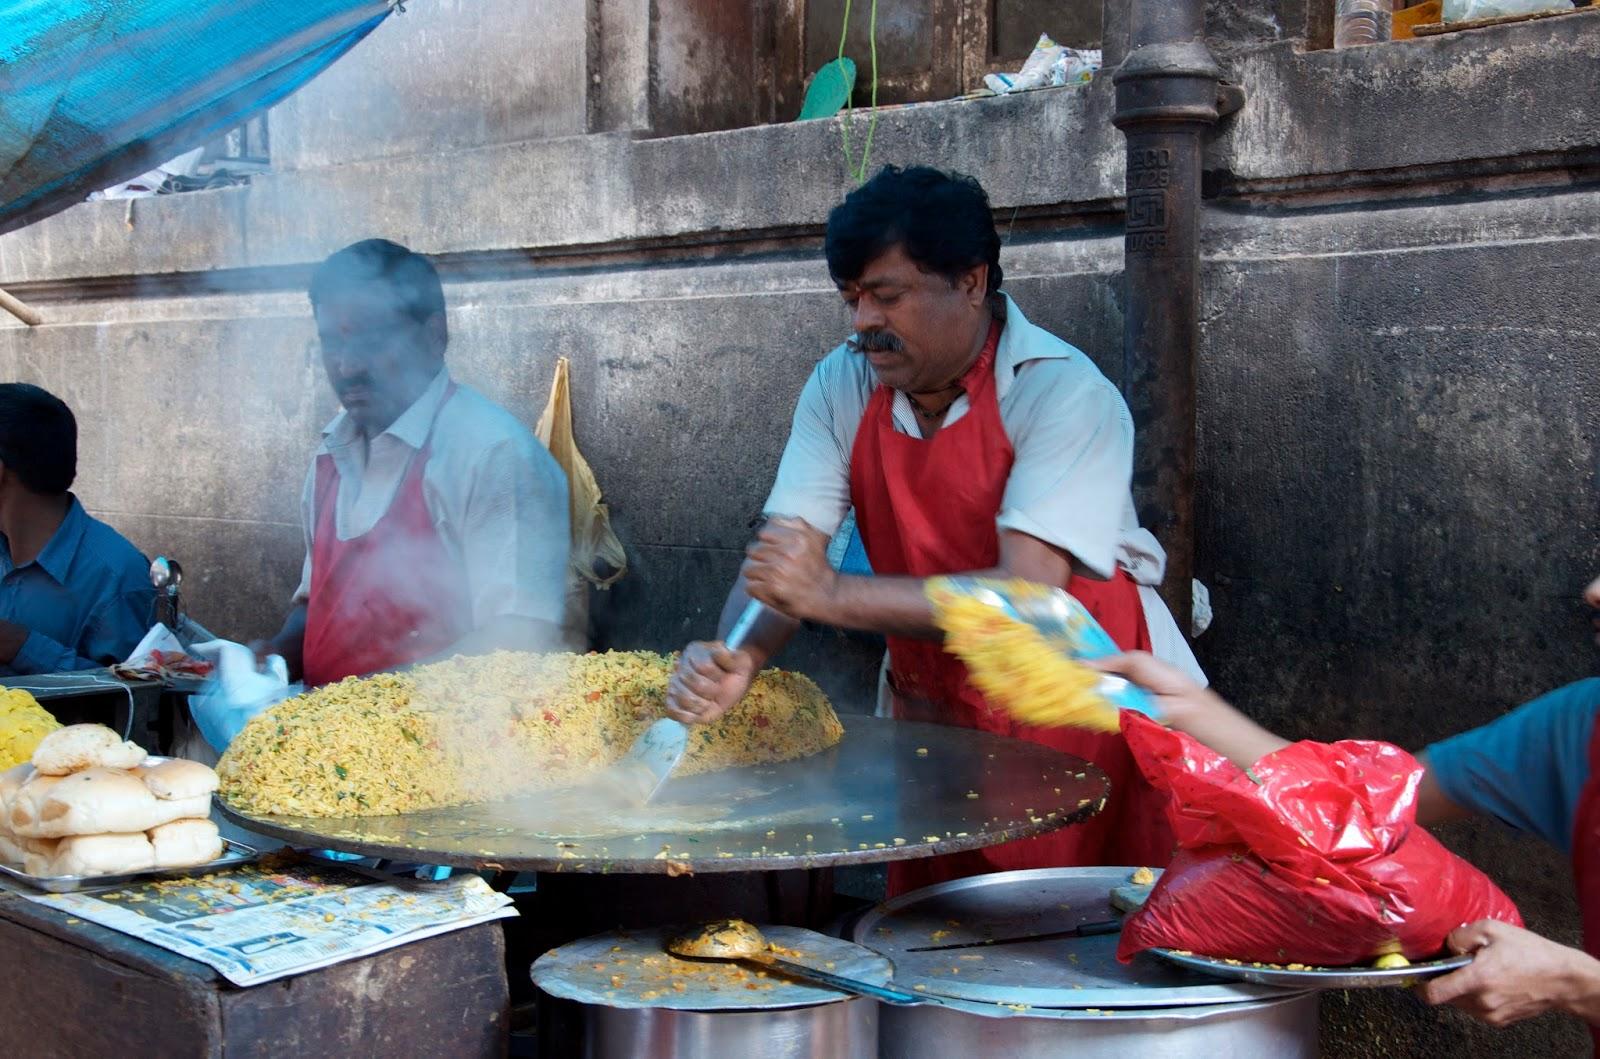 Khaogully_Mumbai (1)